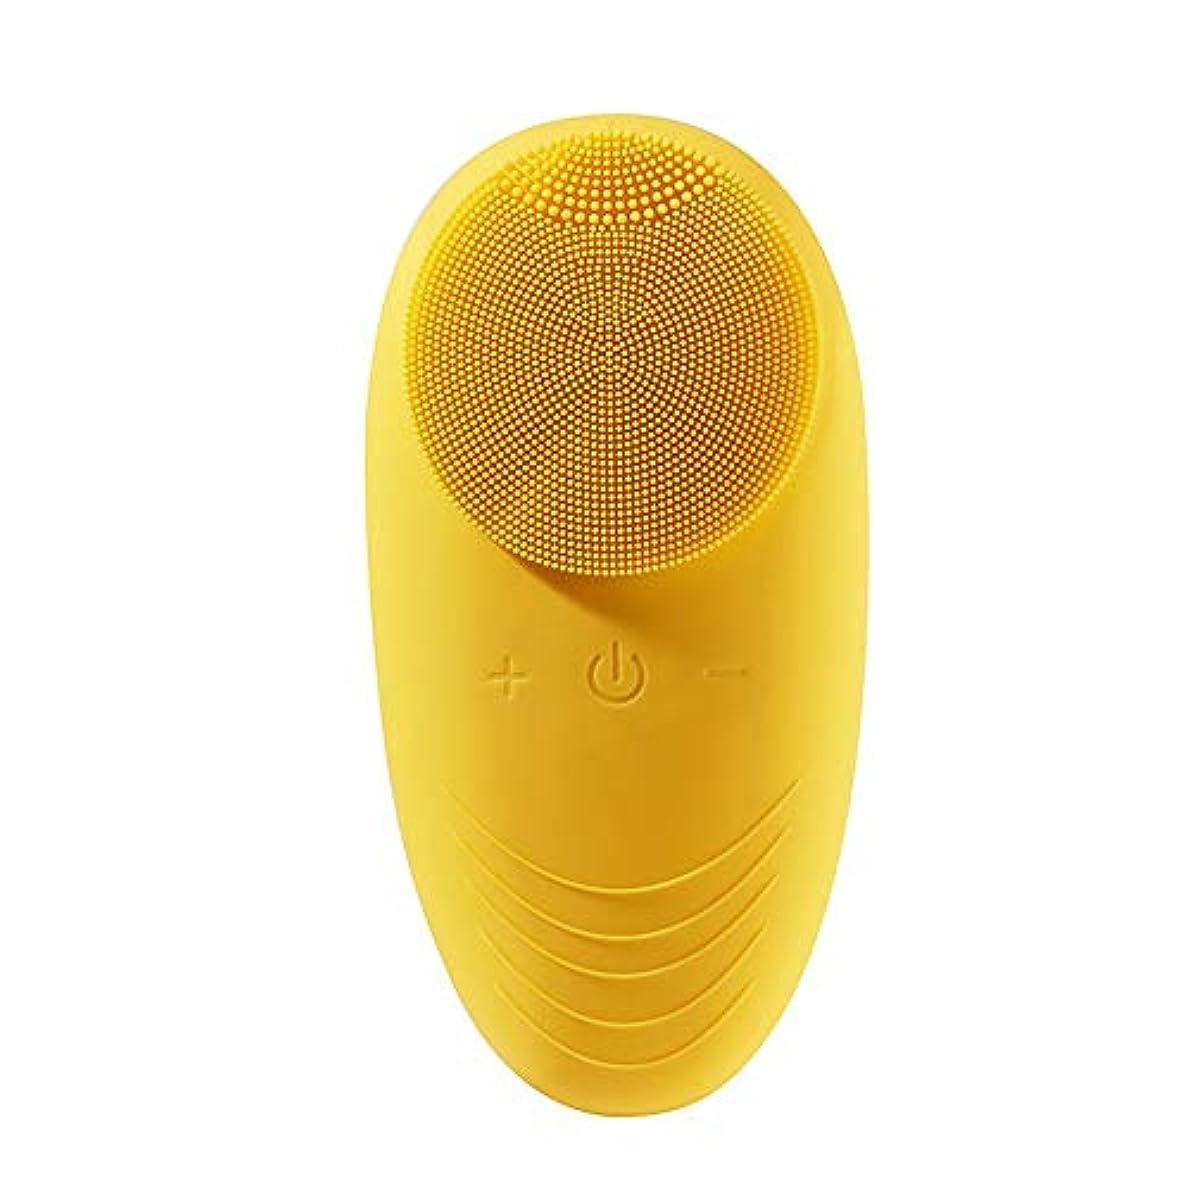 氷知恵なぜZXF 電気シリコーン防水クレンジングブラシディープクリーニングポア超音波振動クレンジング器具美容器具 滑らかである (色 : Yellow)